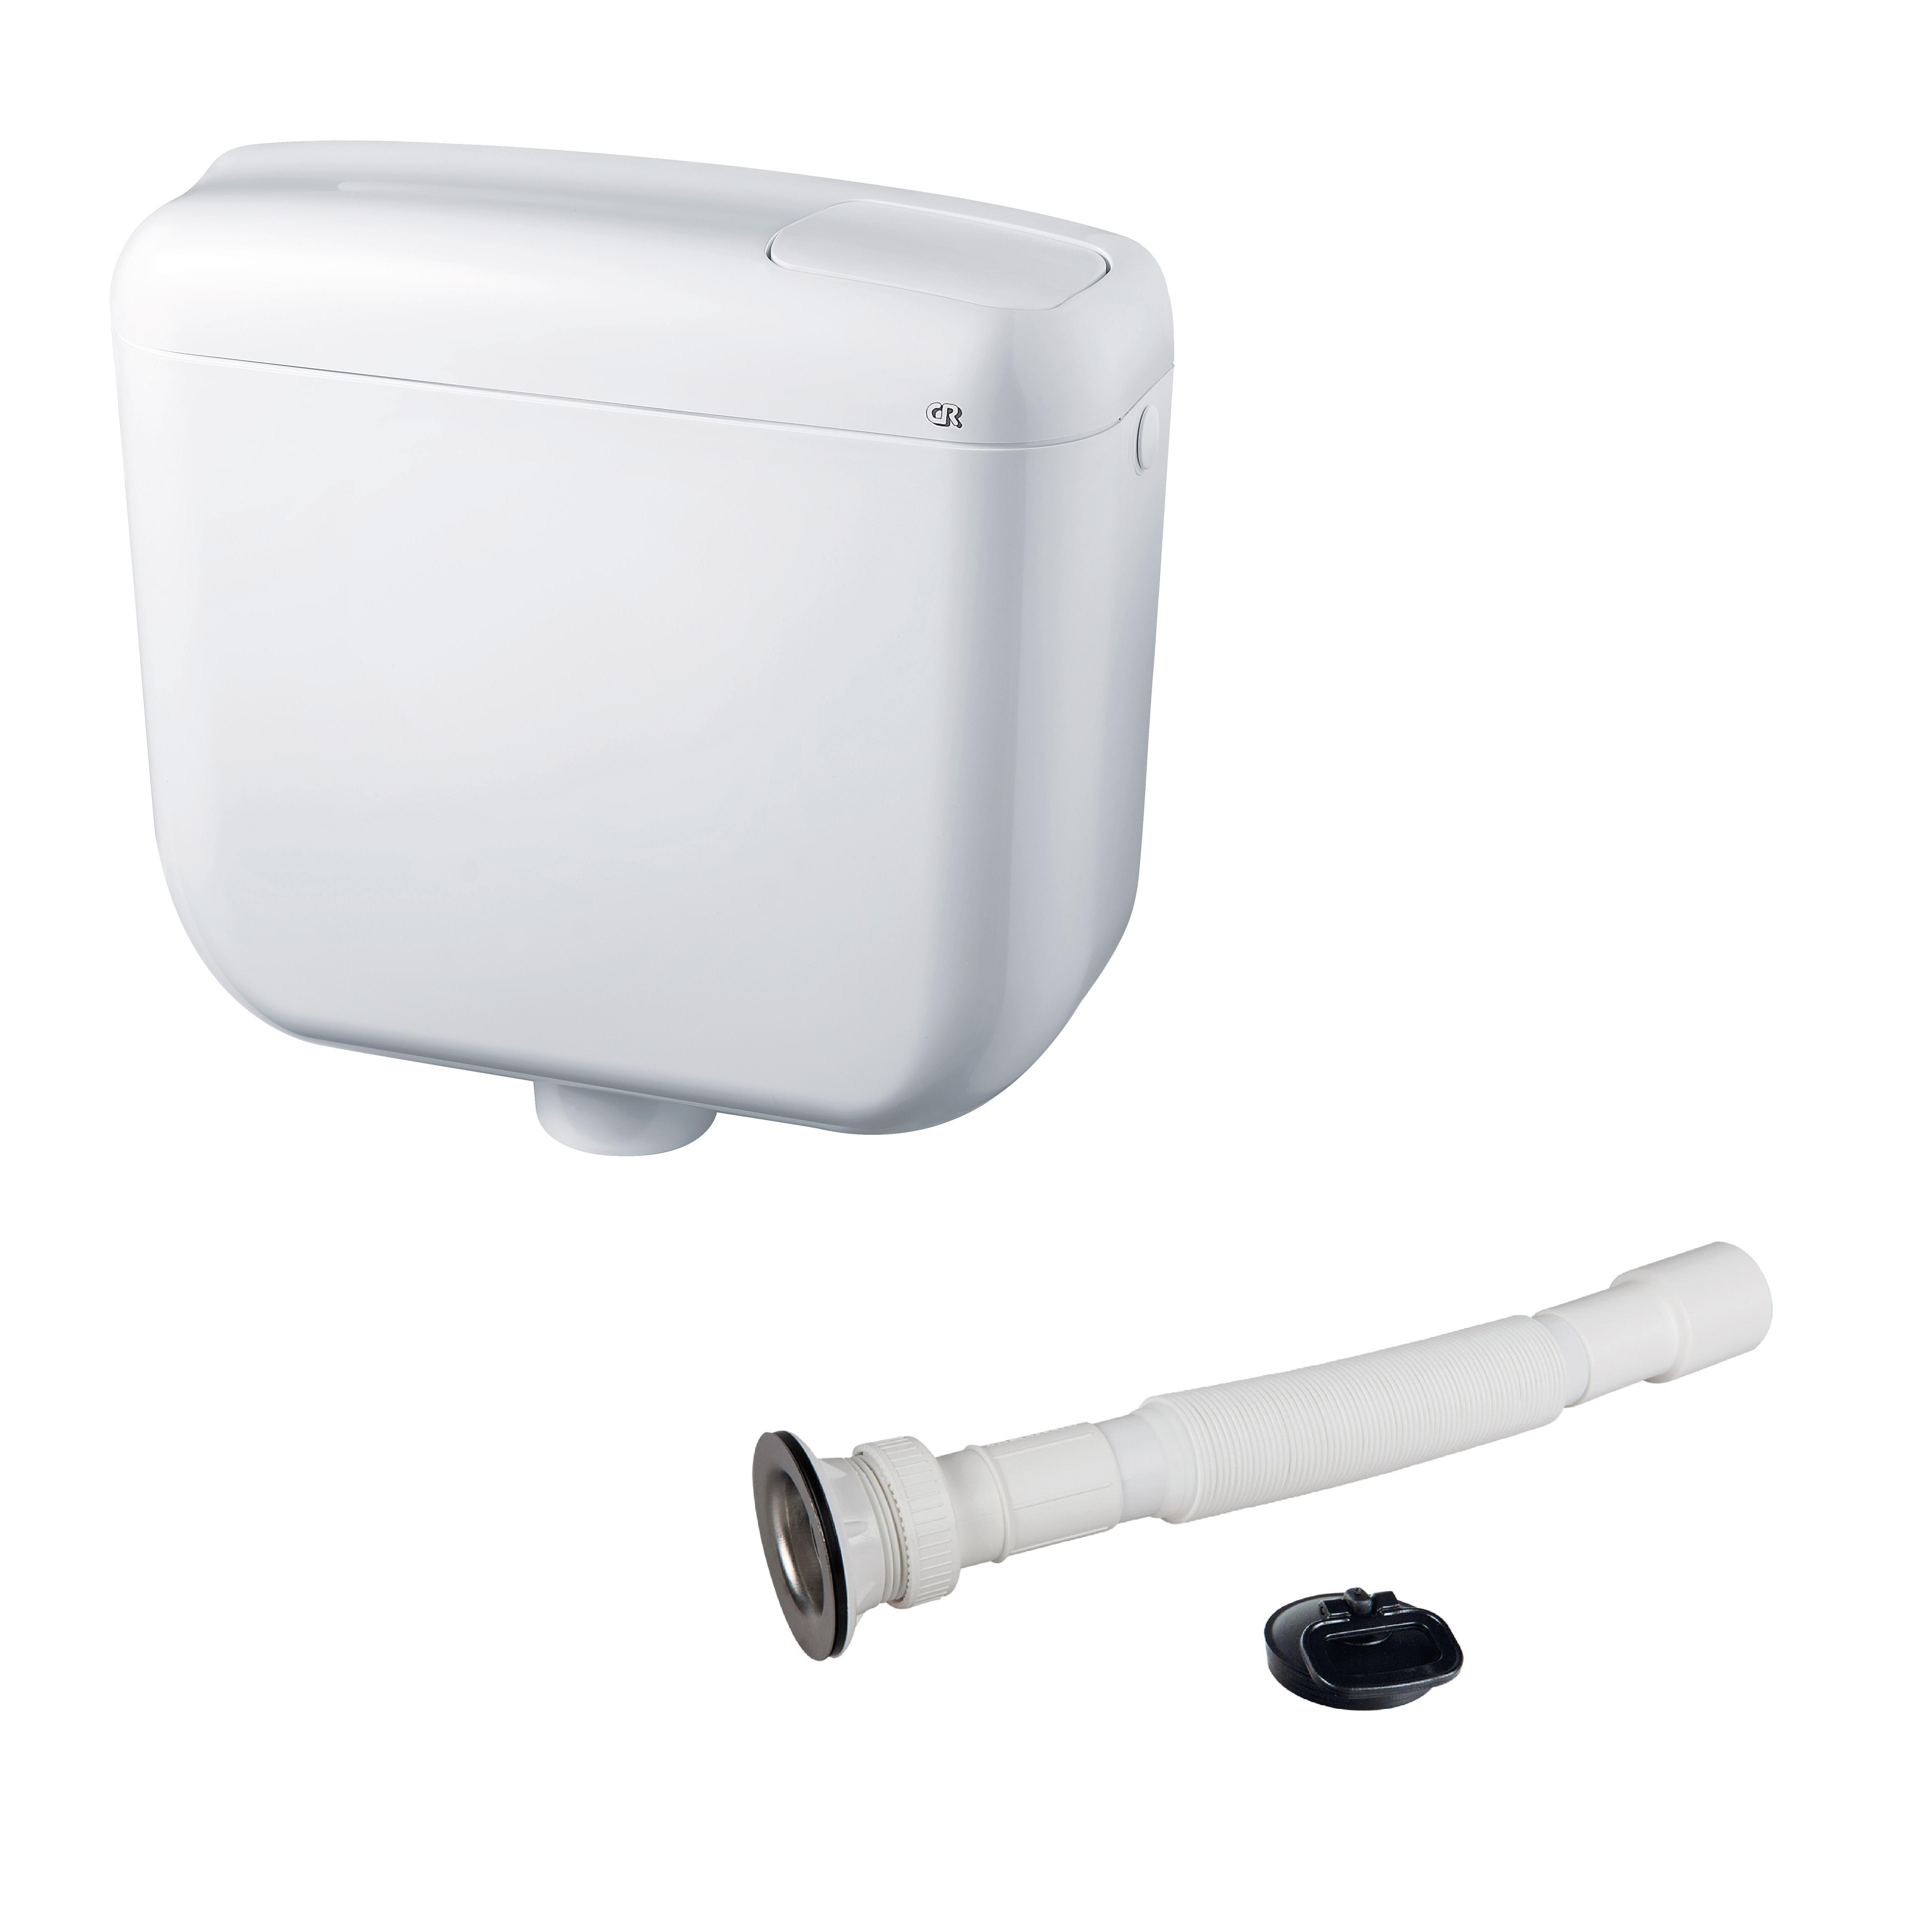 Rezervor WC Compact 1, ABS, alb, max. 7.5l imagine MatHaus.ro